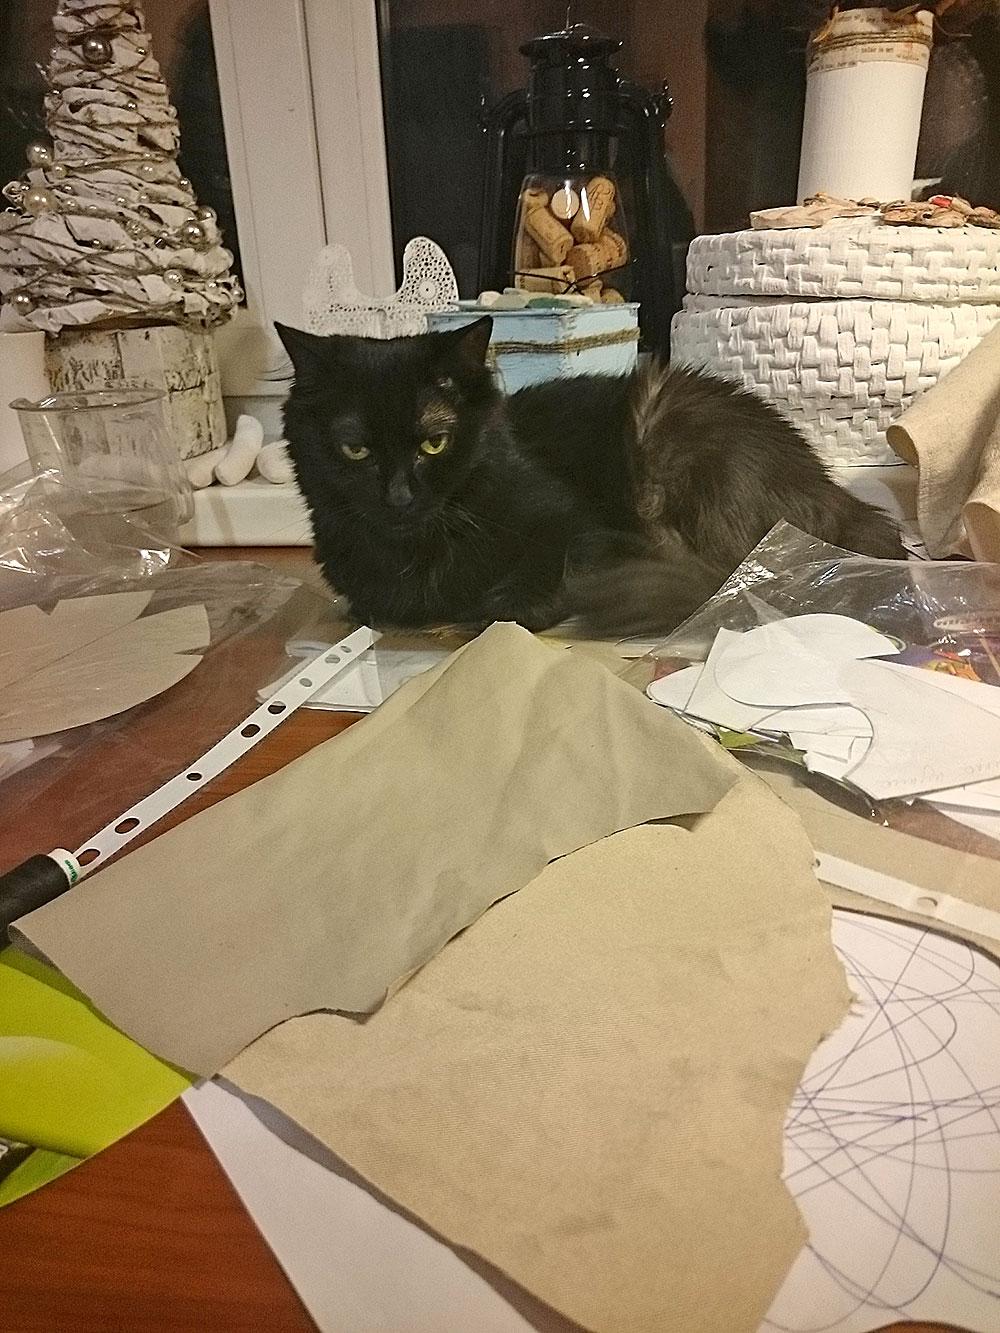 кошка, кот, котэ, животное, домашнее животное